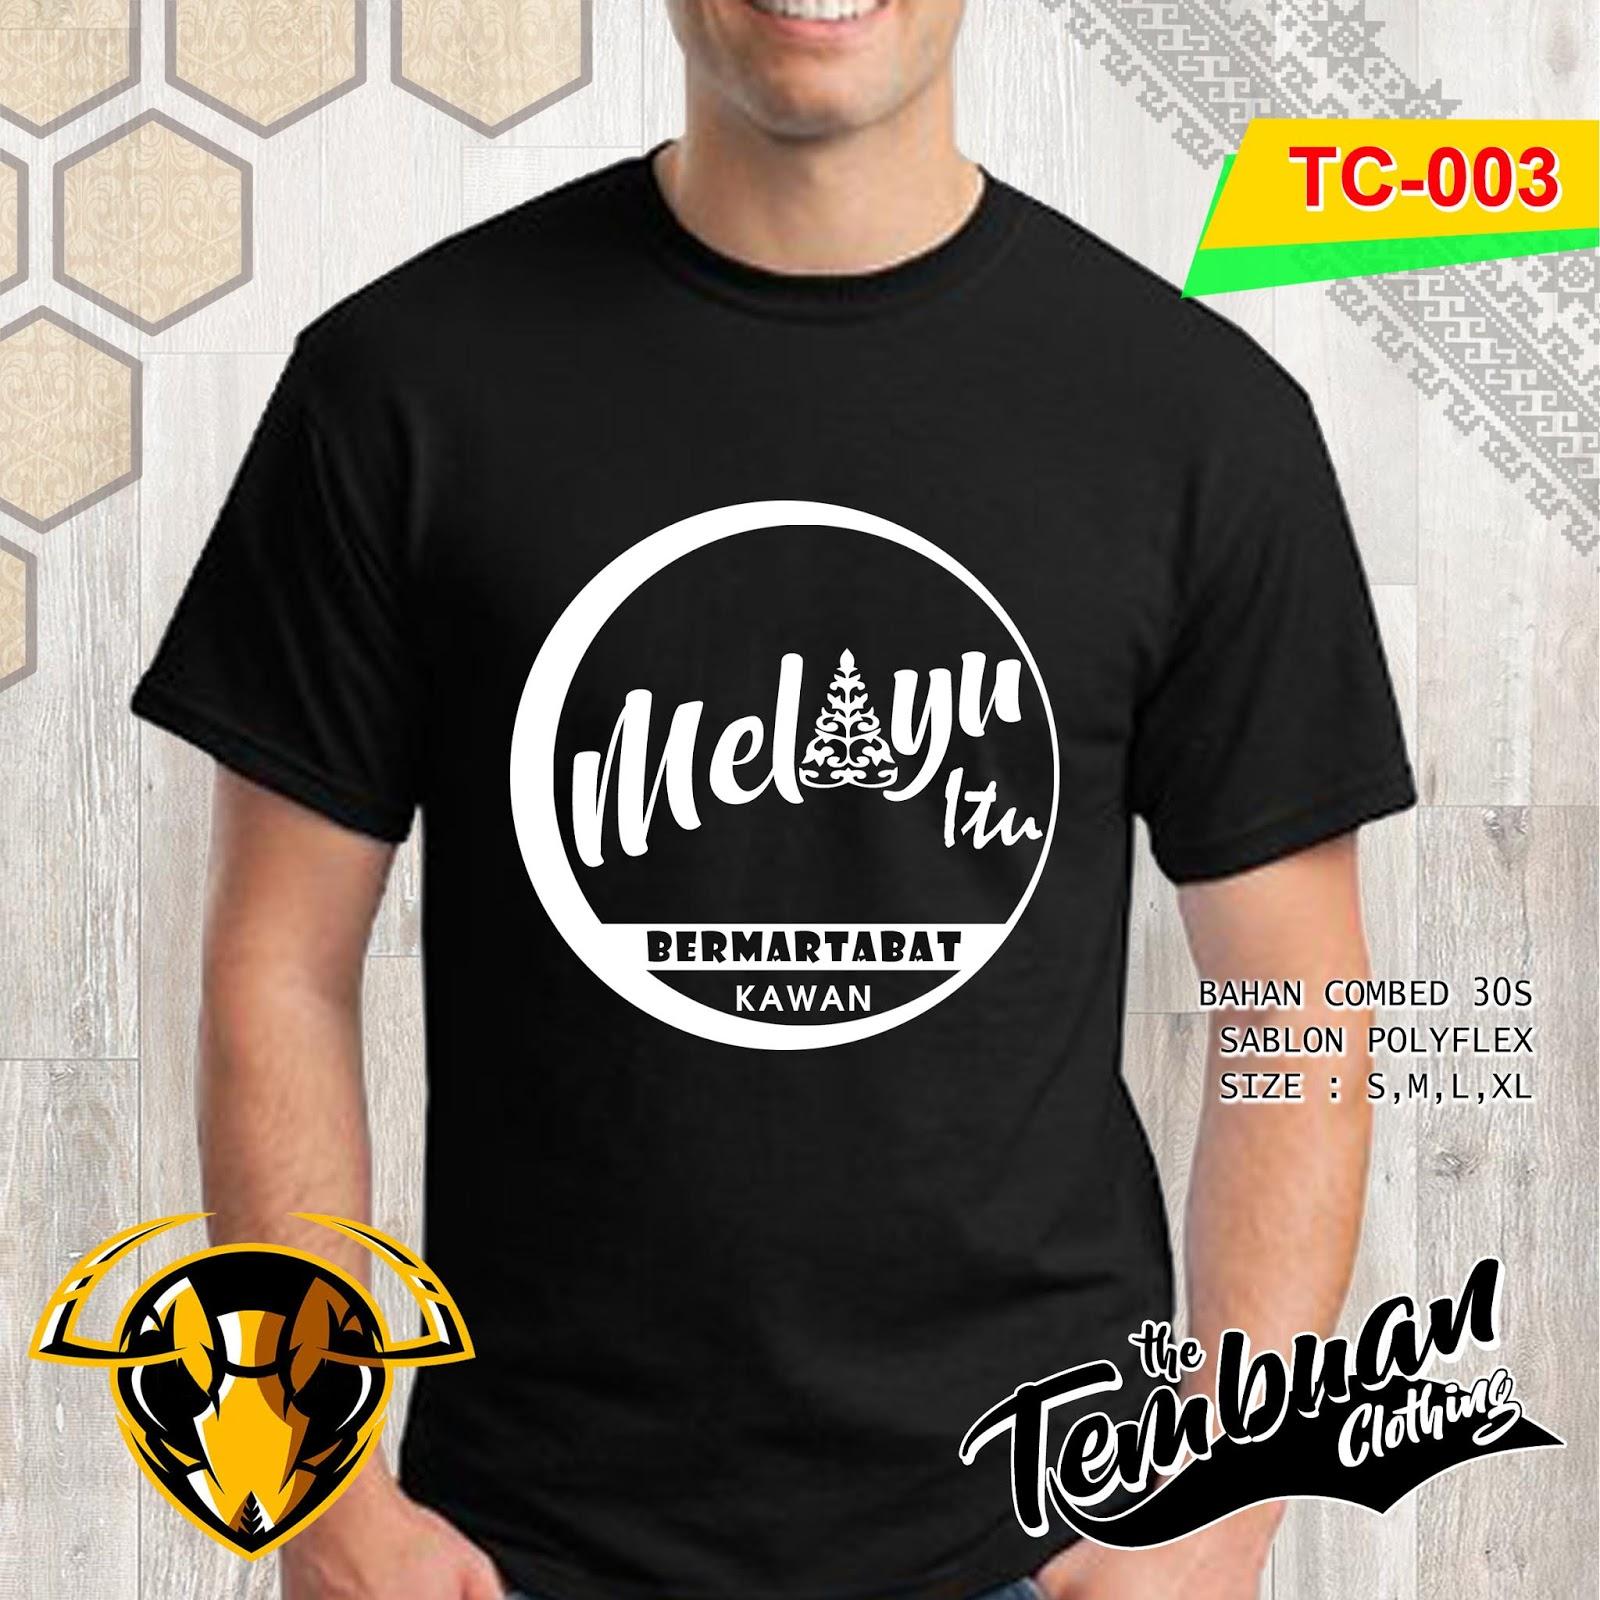 Tembuan Clothing - TC-003 (Melayu Itu Bermartabat Kawan)